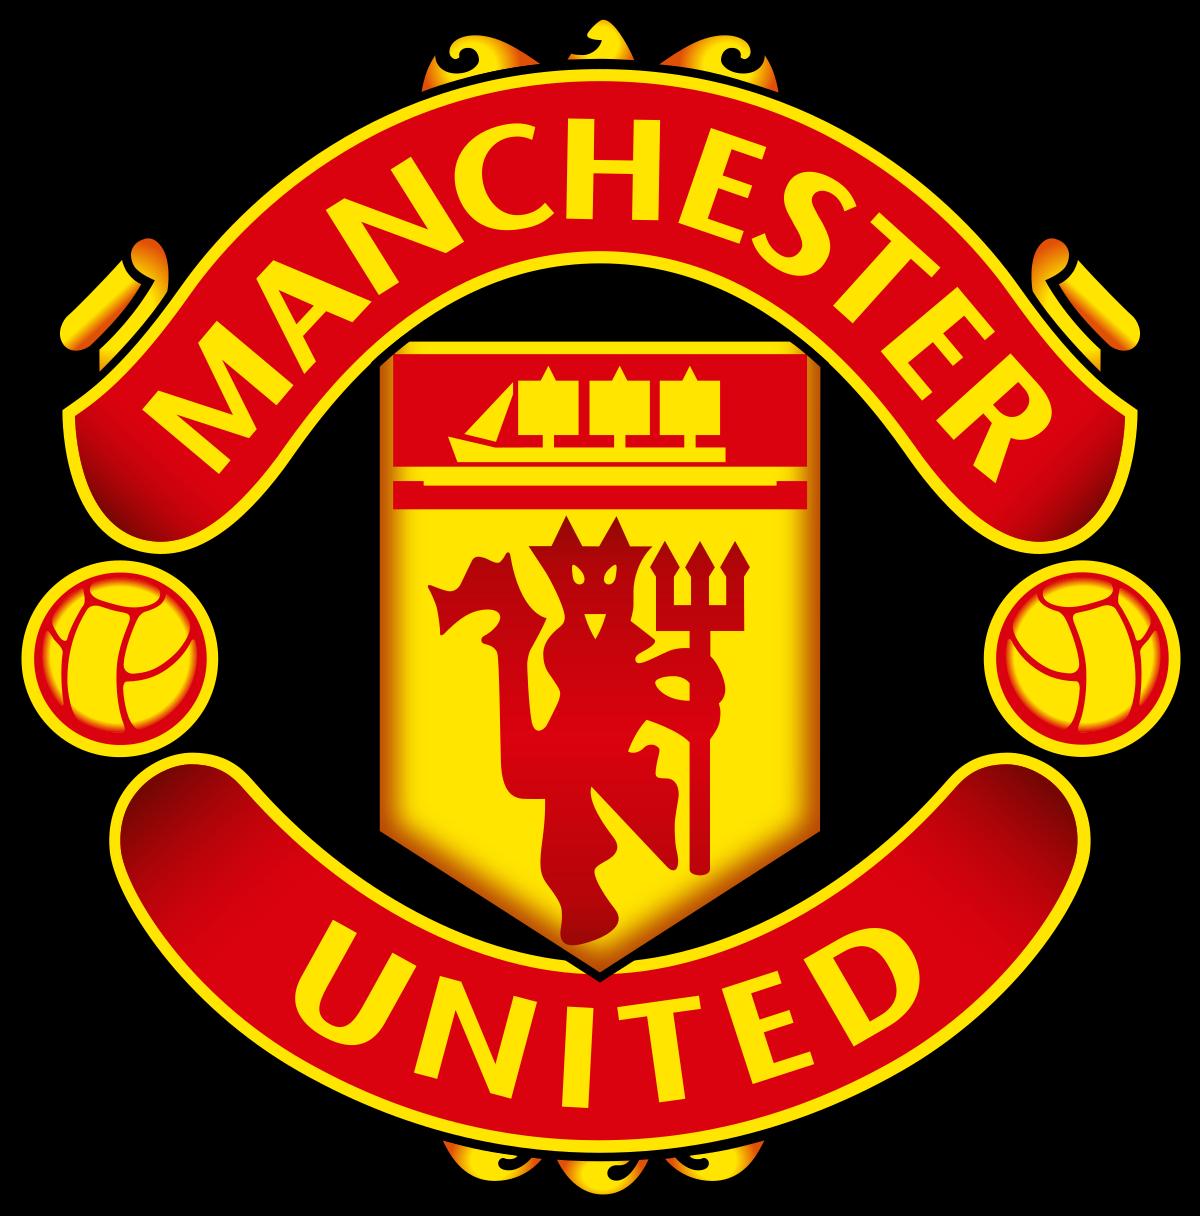 Официальный сайт футбольного клуба манчестера юнайтеда